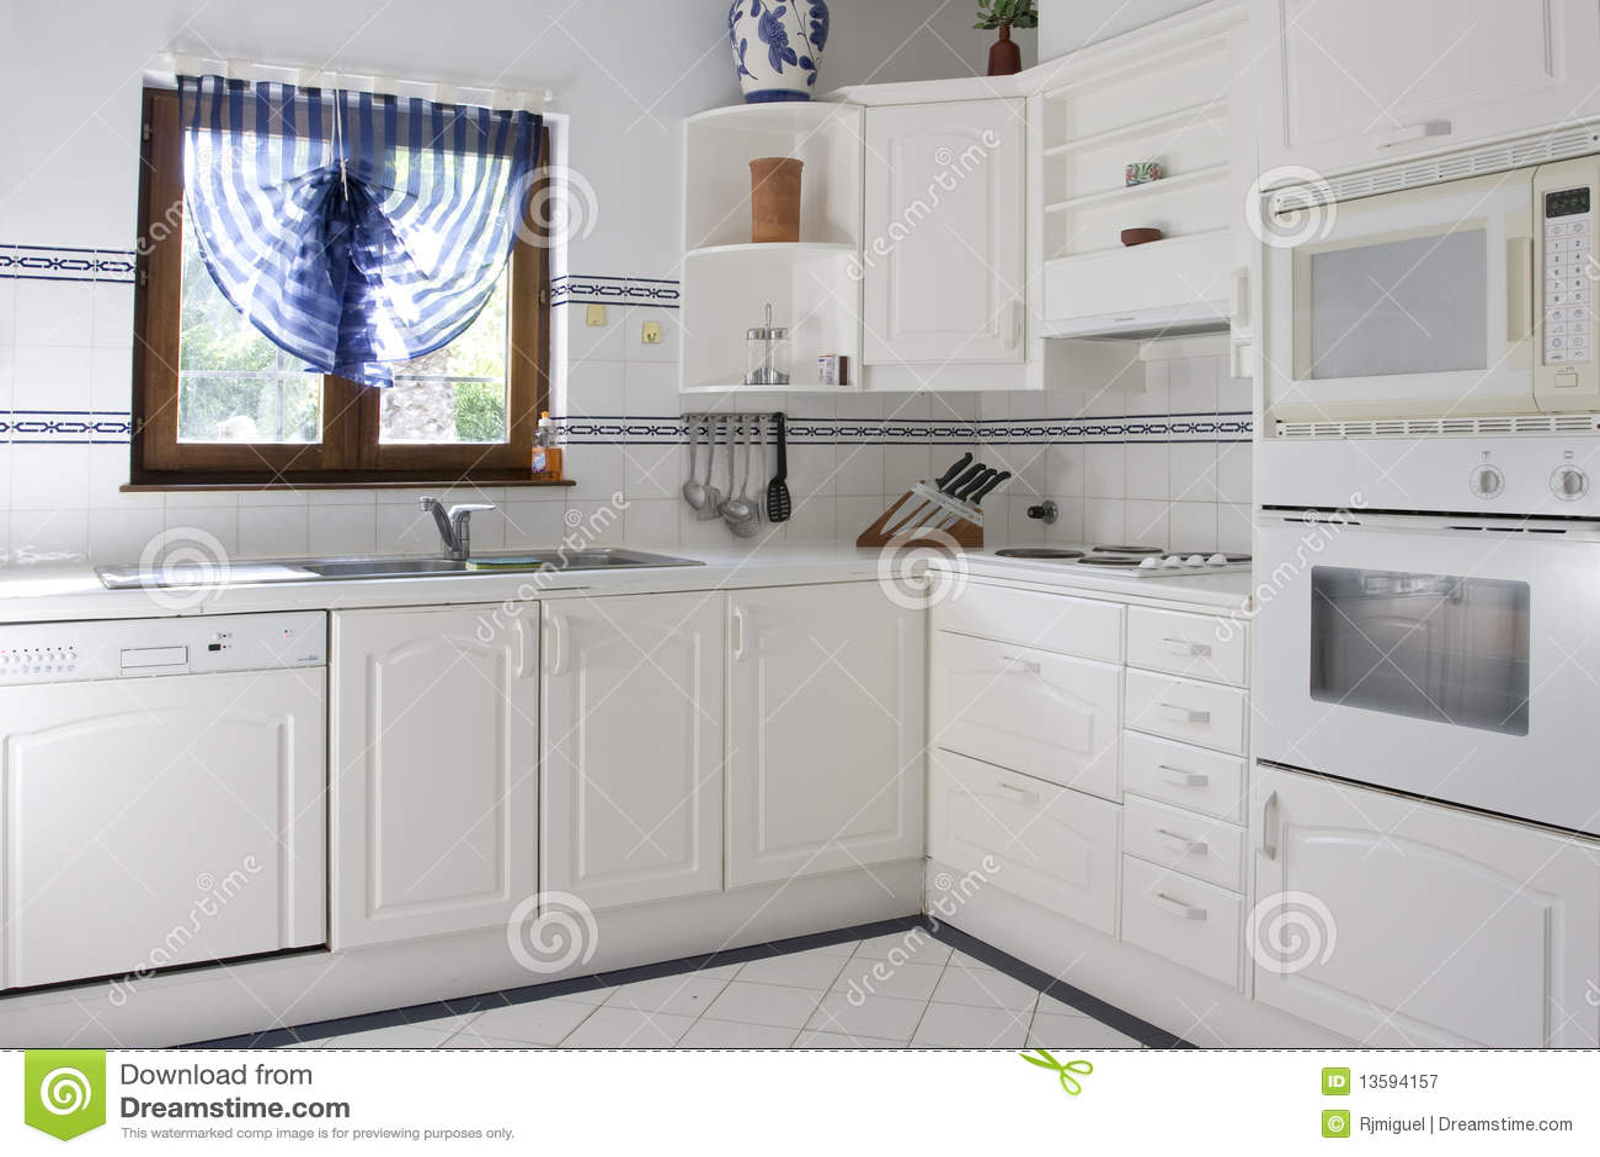 Piastrelle cucina bianche e nere cool cucina bianca e nera con